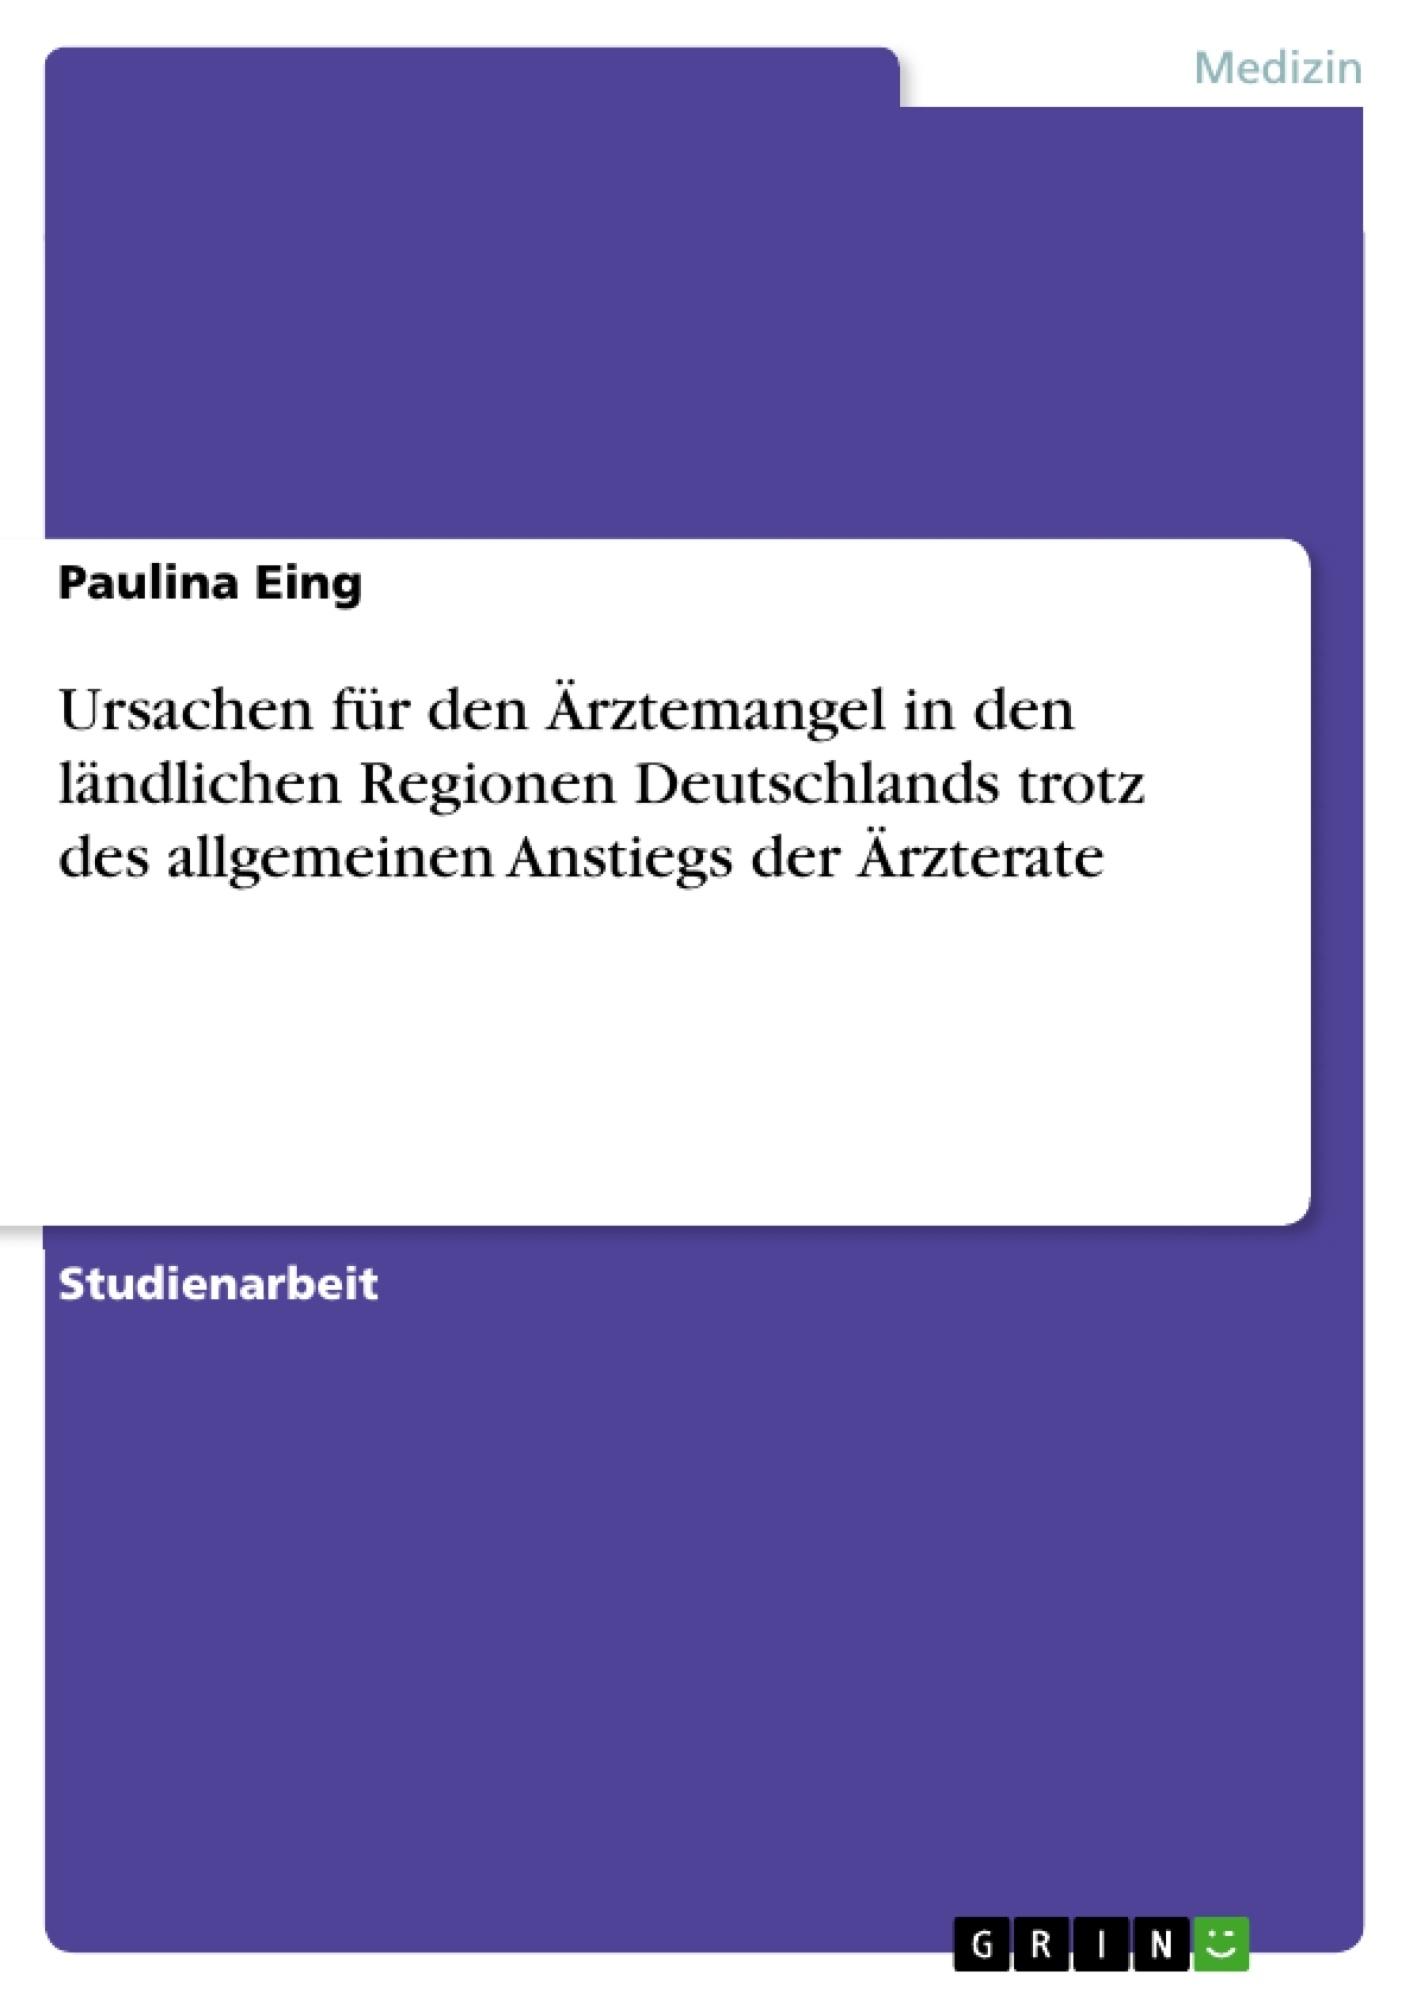 Titel: Ursachen für den Ärztemangel in den ländlichen Regionen Deutschlands trotz des allgemeinen Anstiegs der Ärzterate